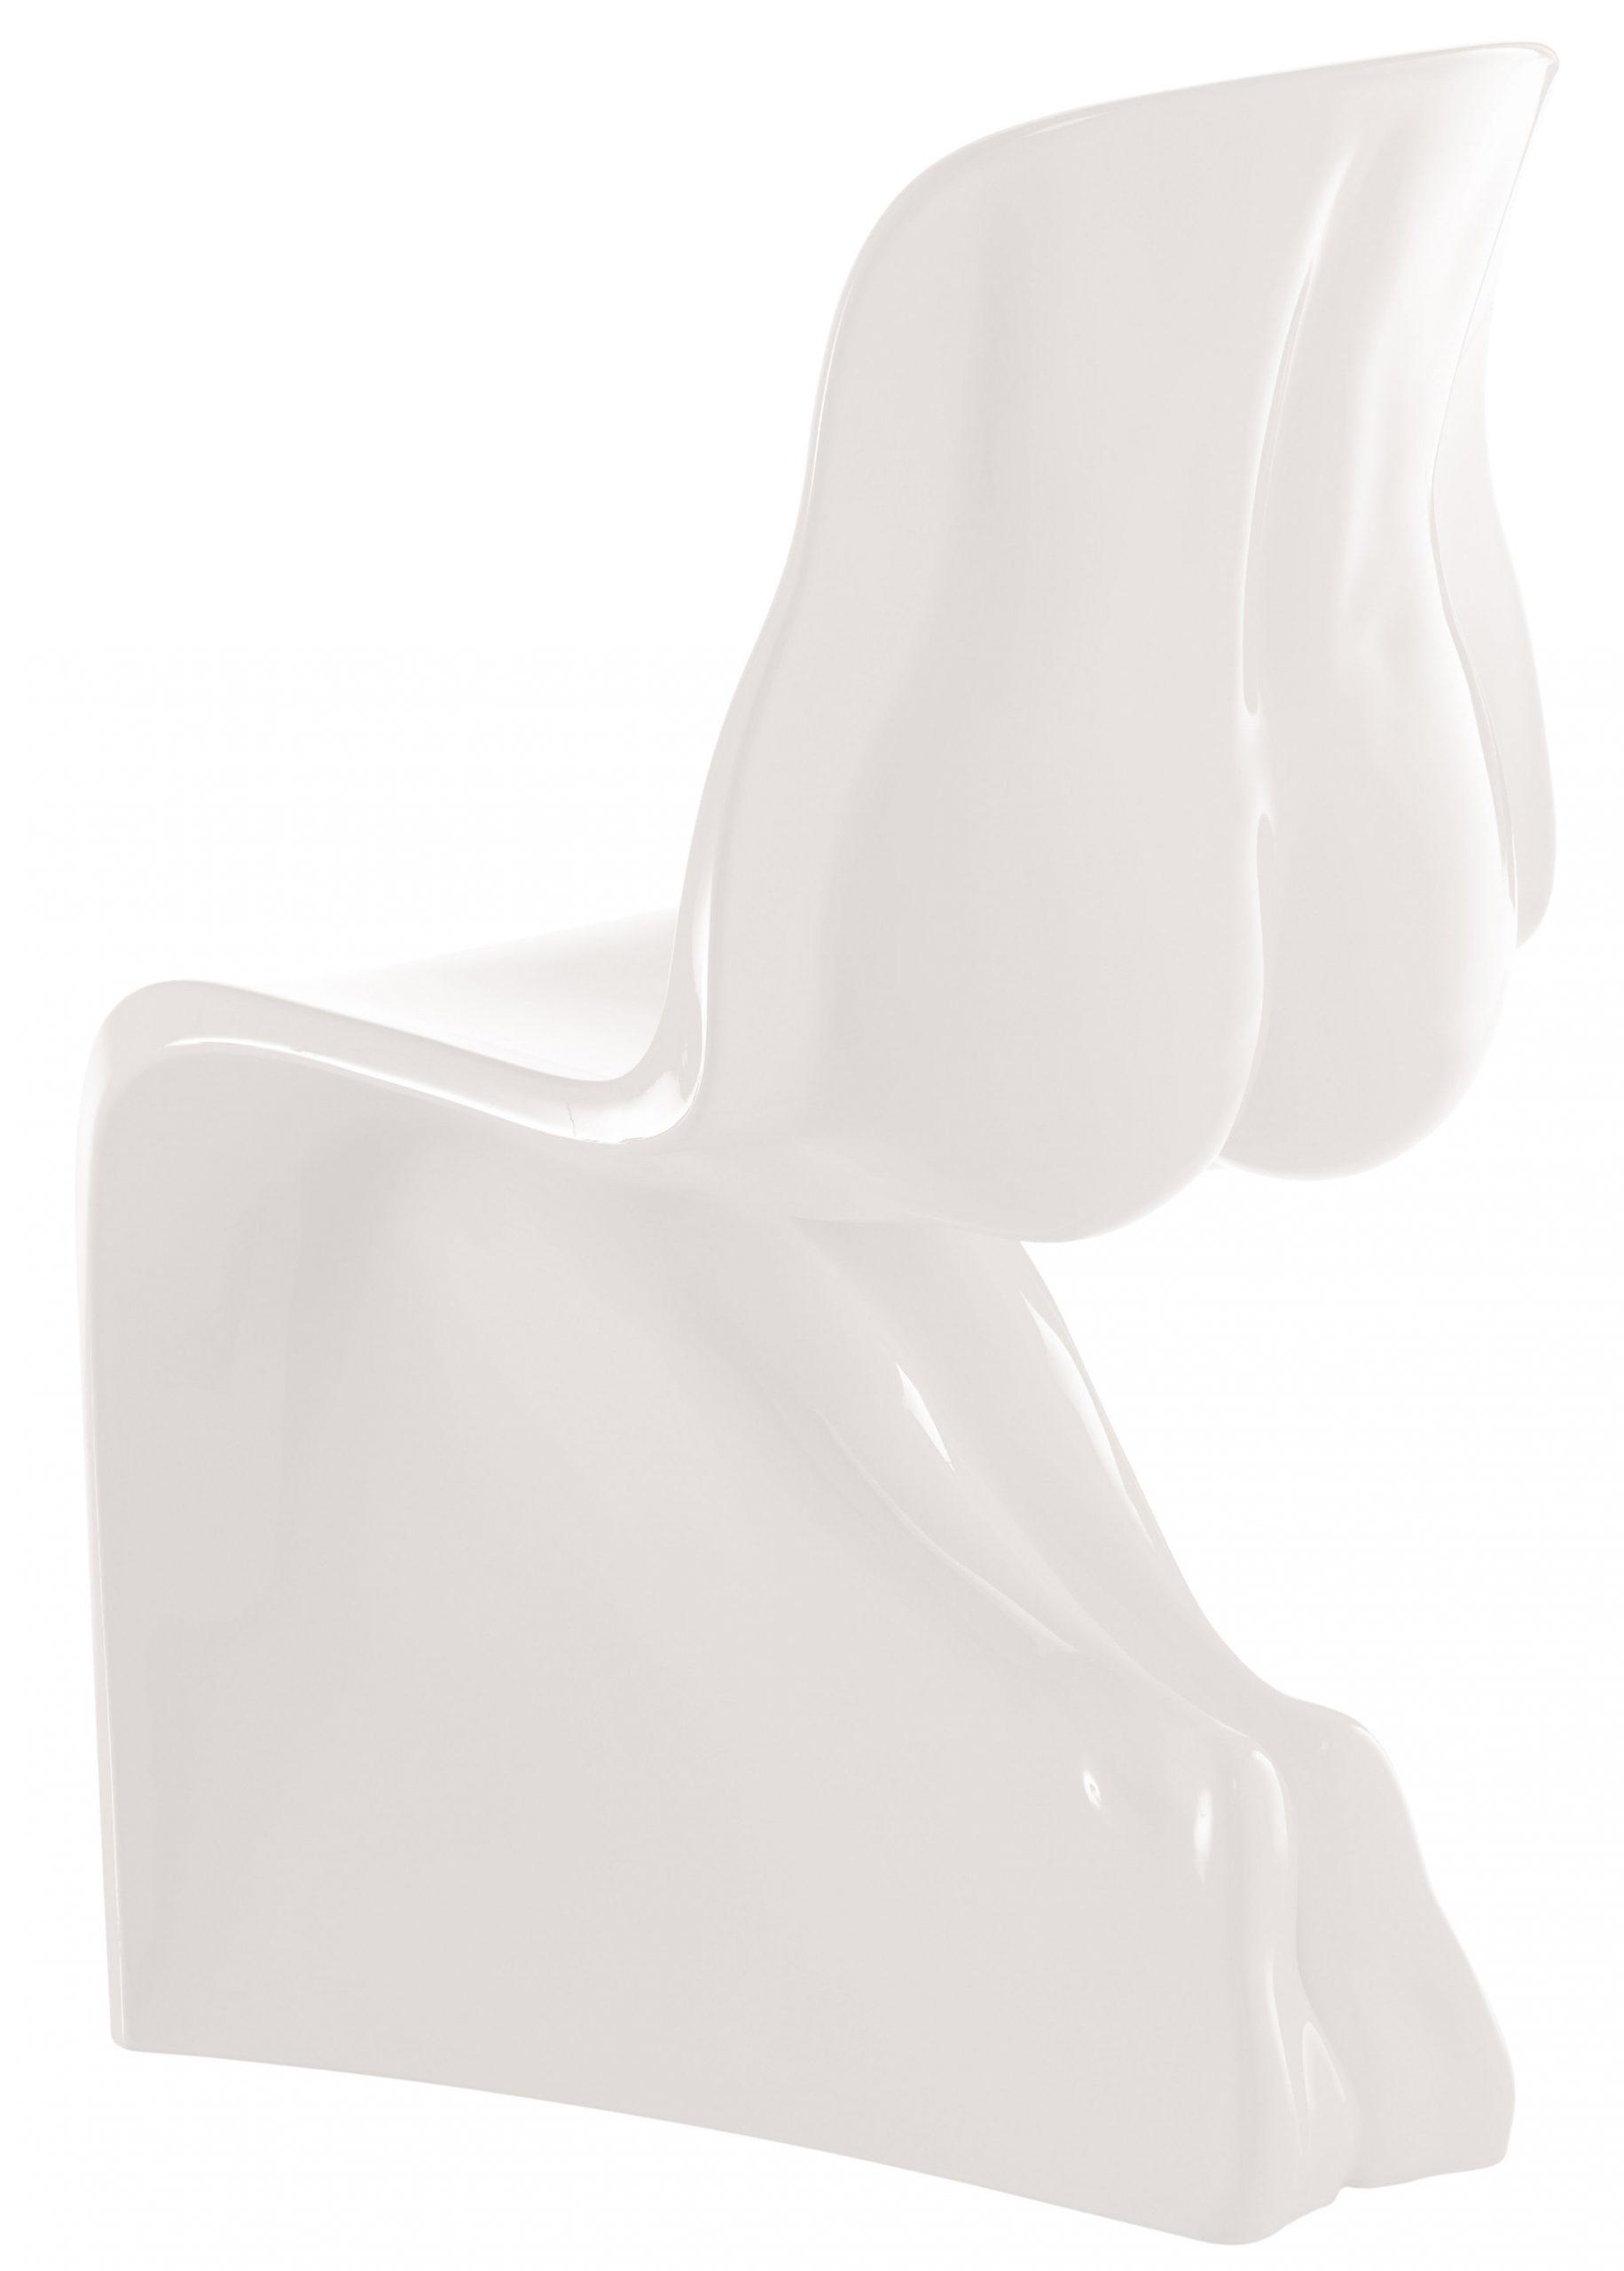 Η καρέκλα της - λευκή λάκα έκδοση Casamania Fabio Novembre